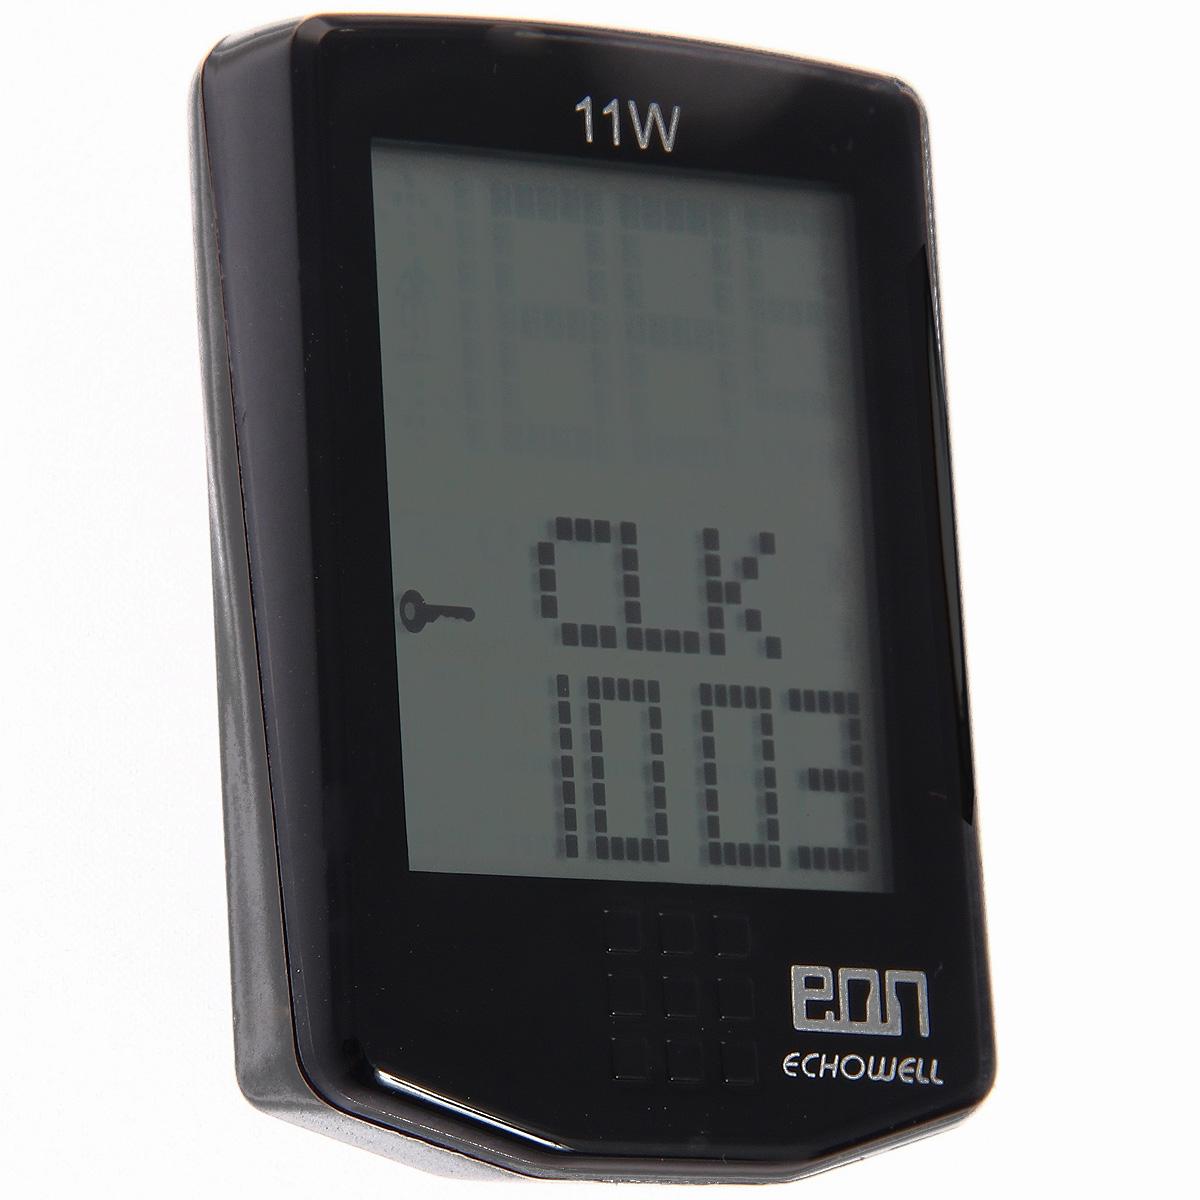 Велокомпьютер Eon-11W, 11 функций, цвет: черный